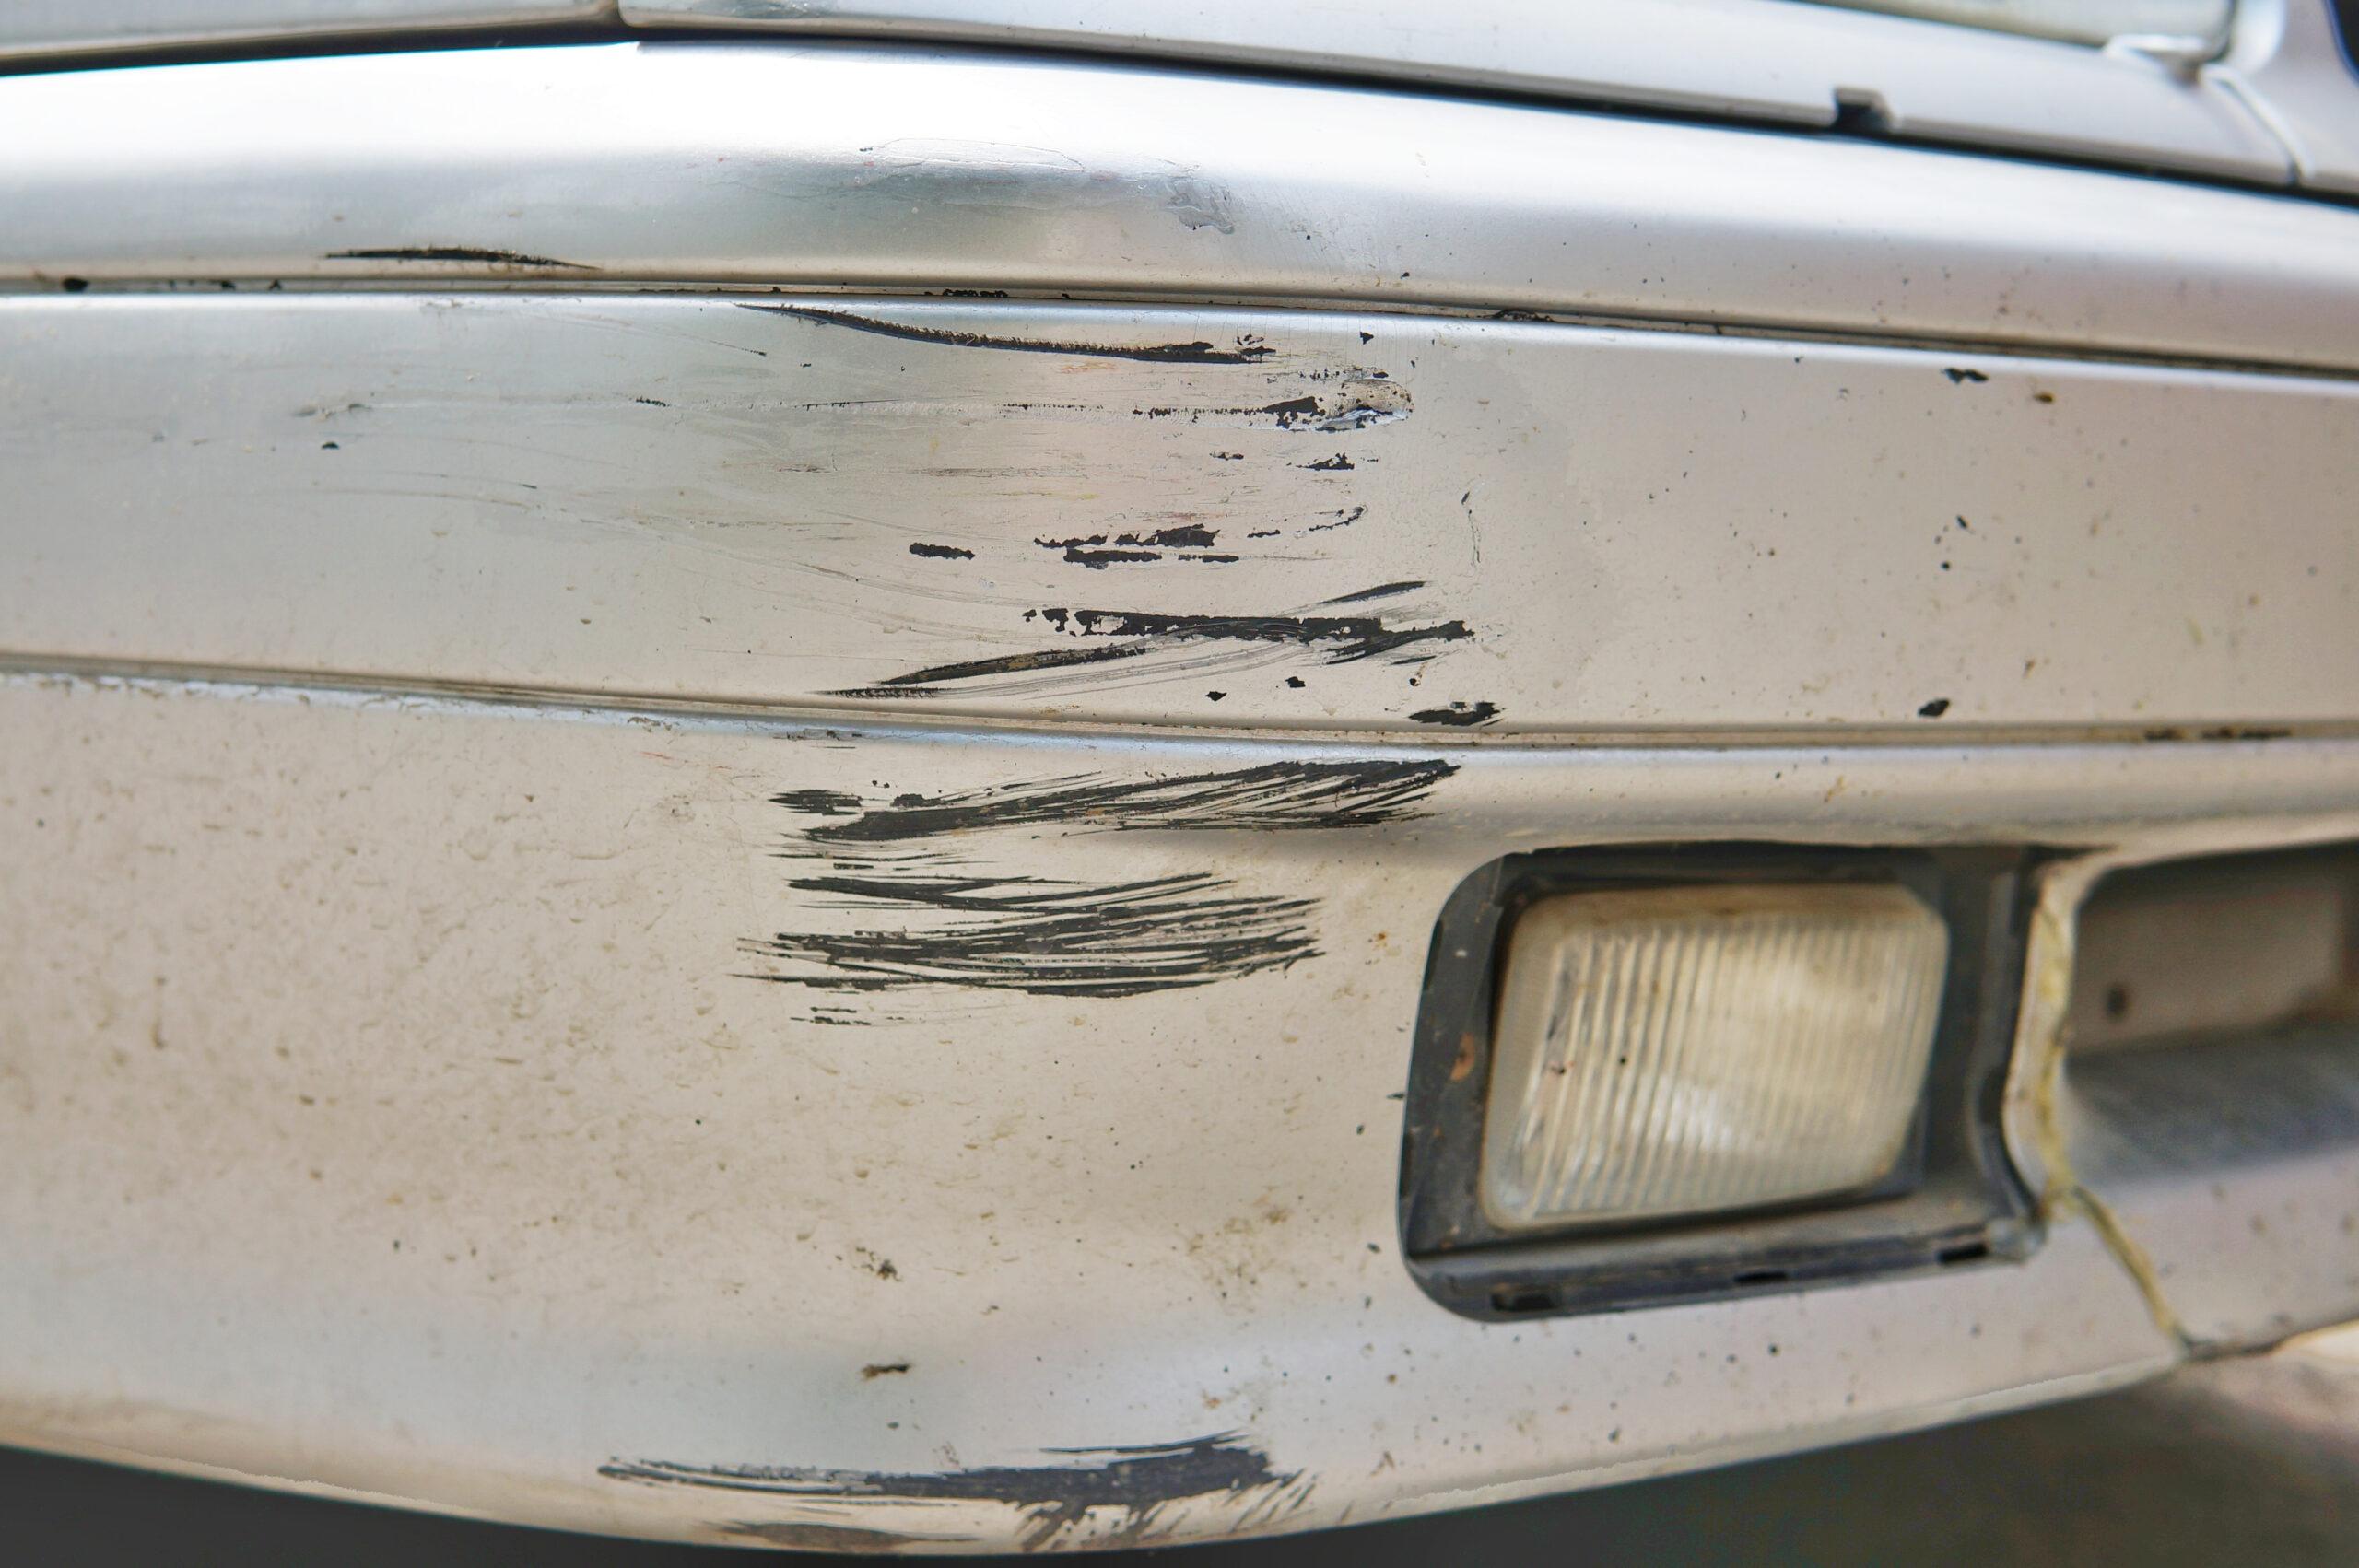 Suzuki Bumper Scratch